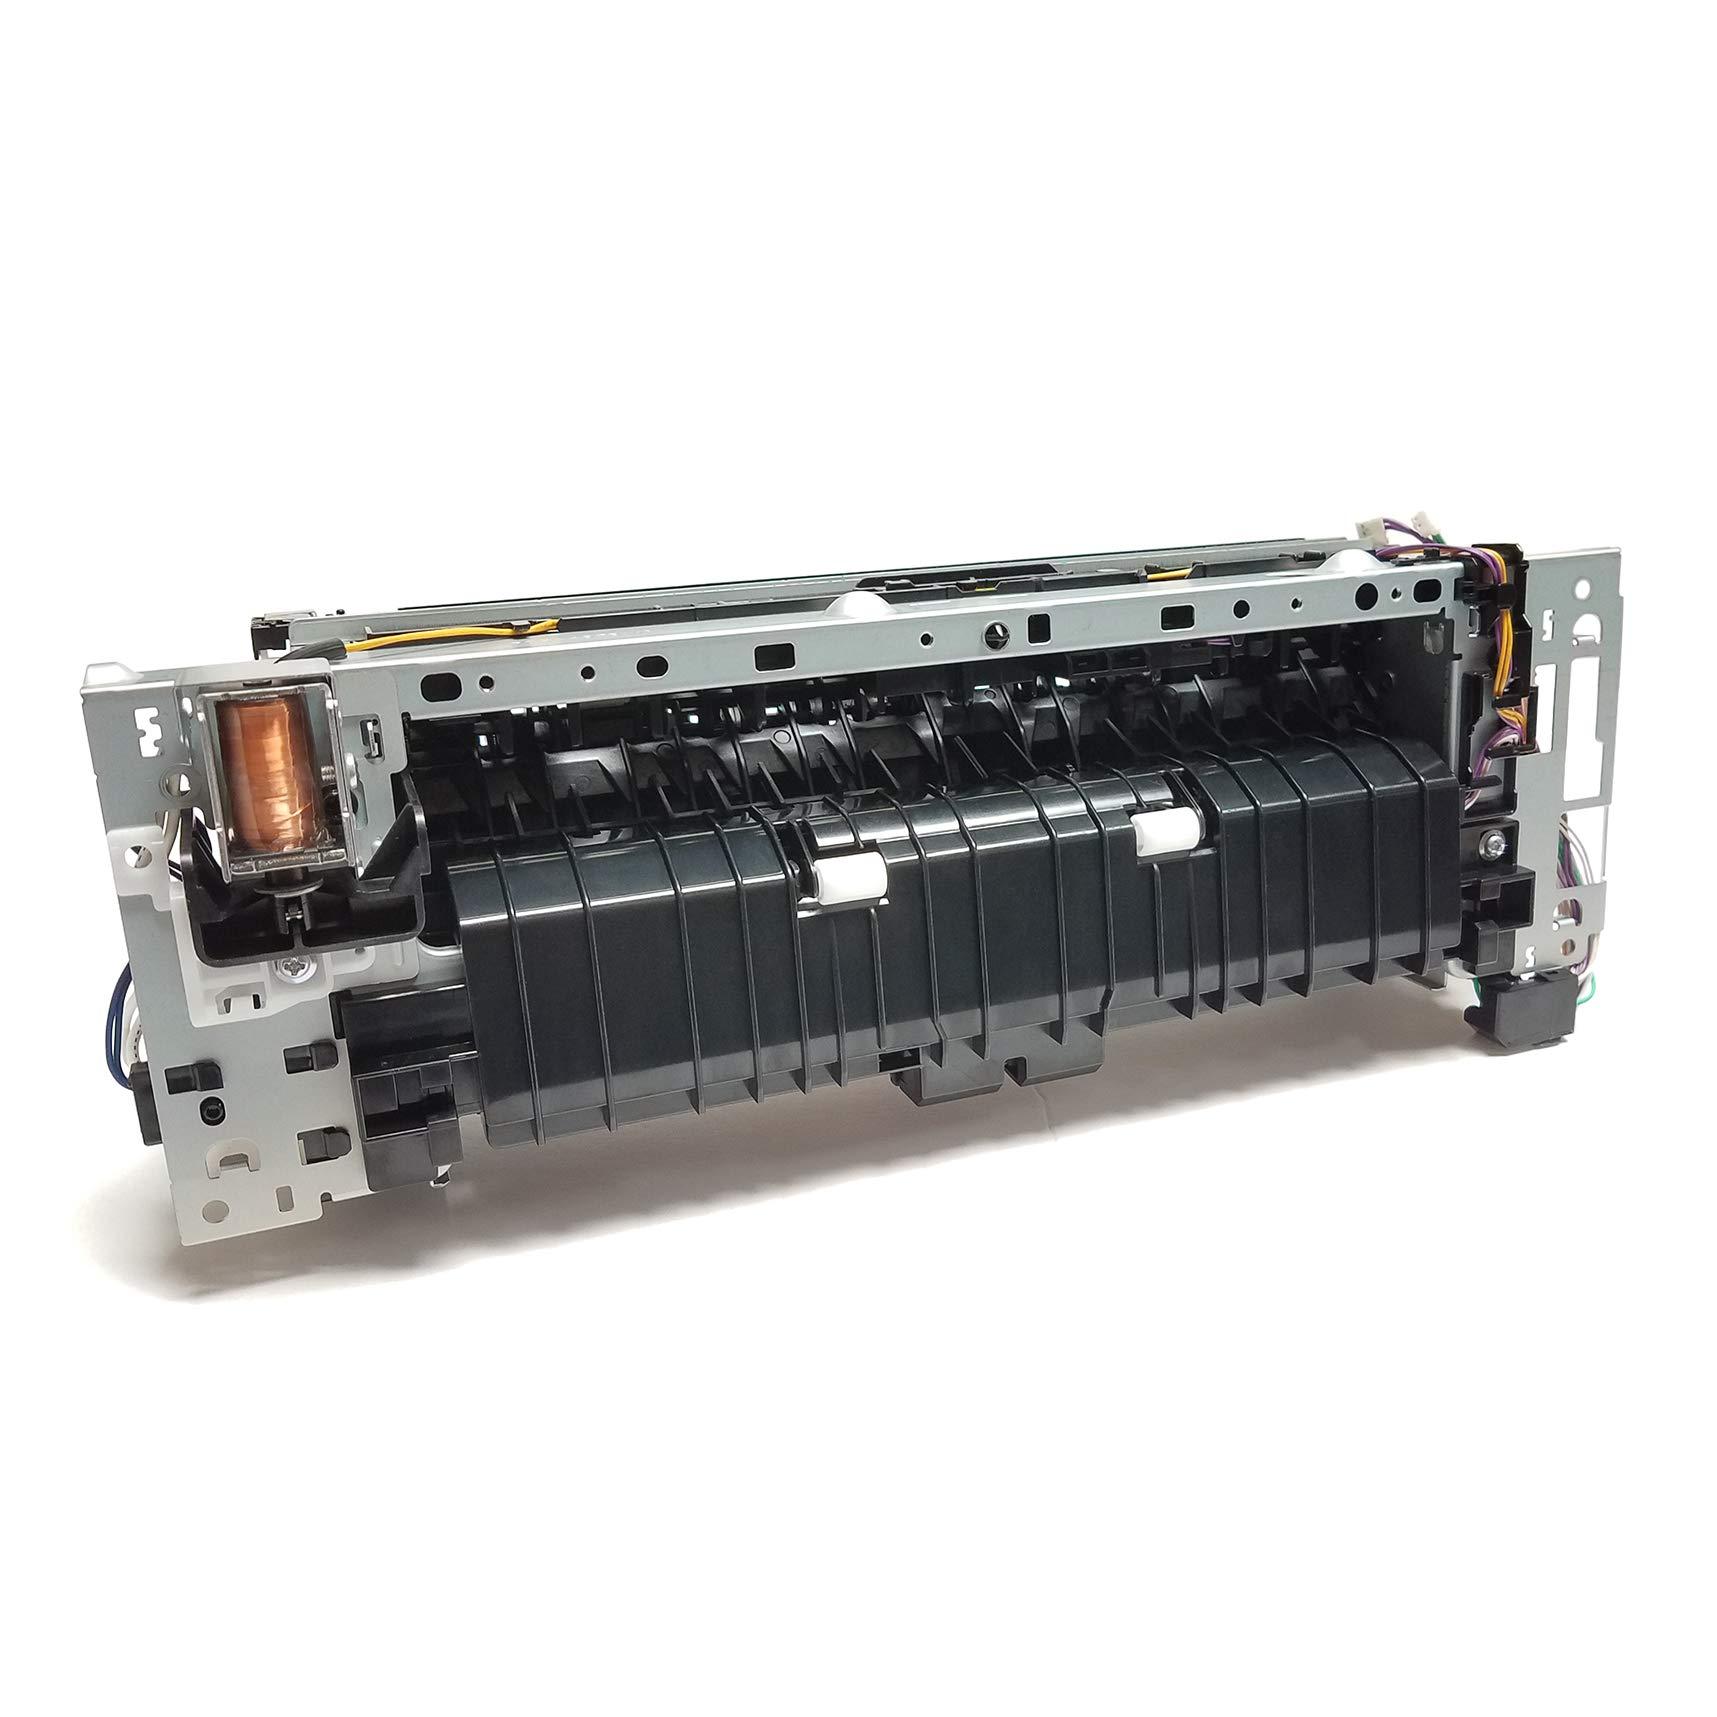 Altru Print RM2-6418-AP (RM2-6460) - Duplex - Fuser Kit for HP Color Laserjet Pro M377, M452, M477 (110V) by Altru Print